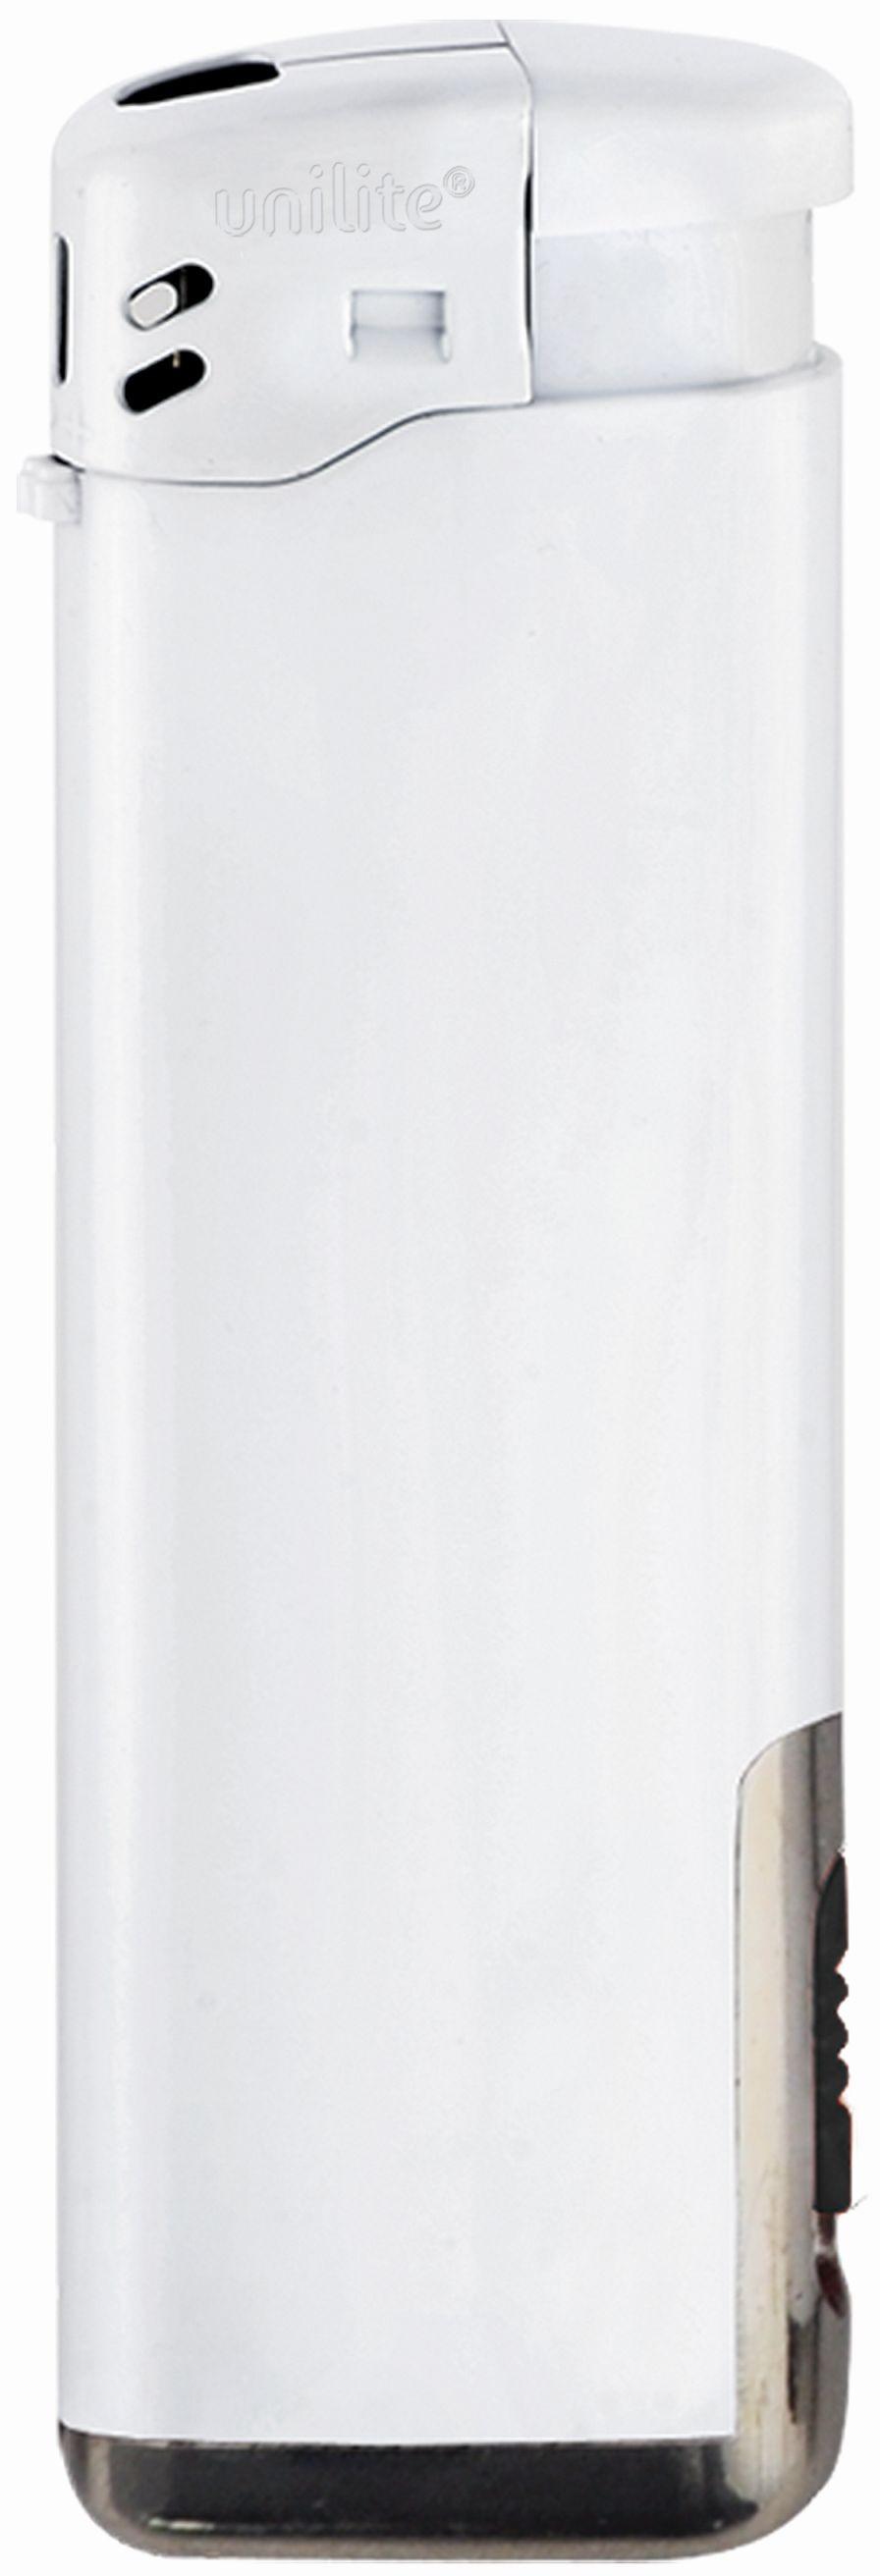 unilite® U-886 LED Elektronik-Feuerzeug